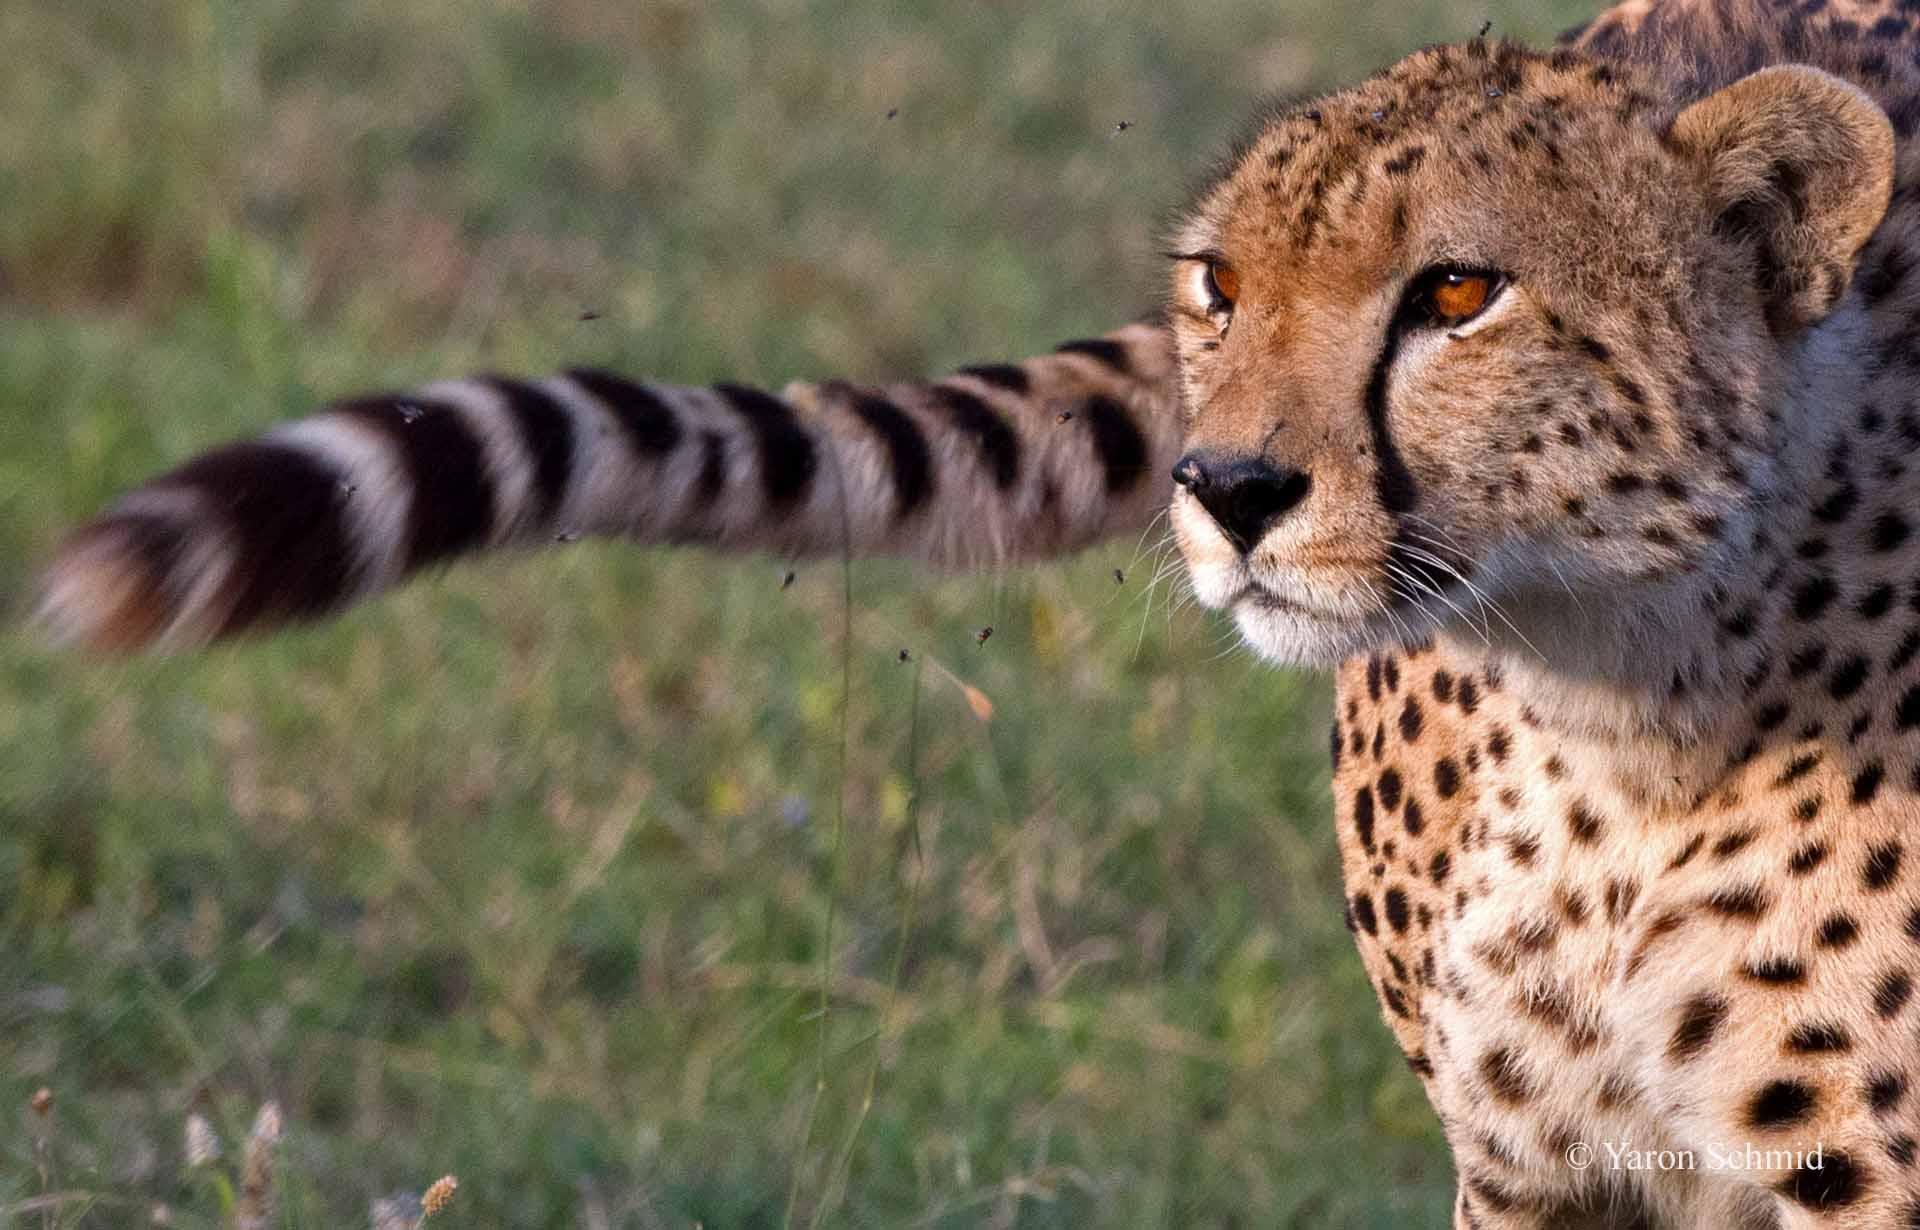 Tale of a Cheetah